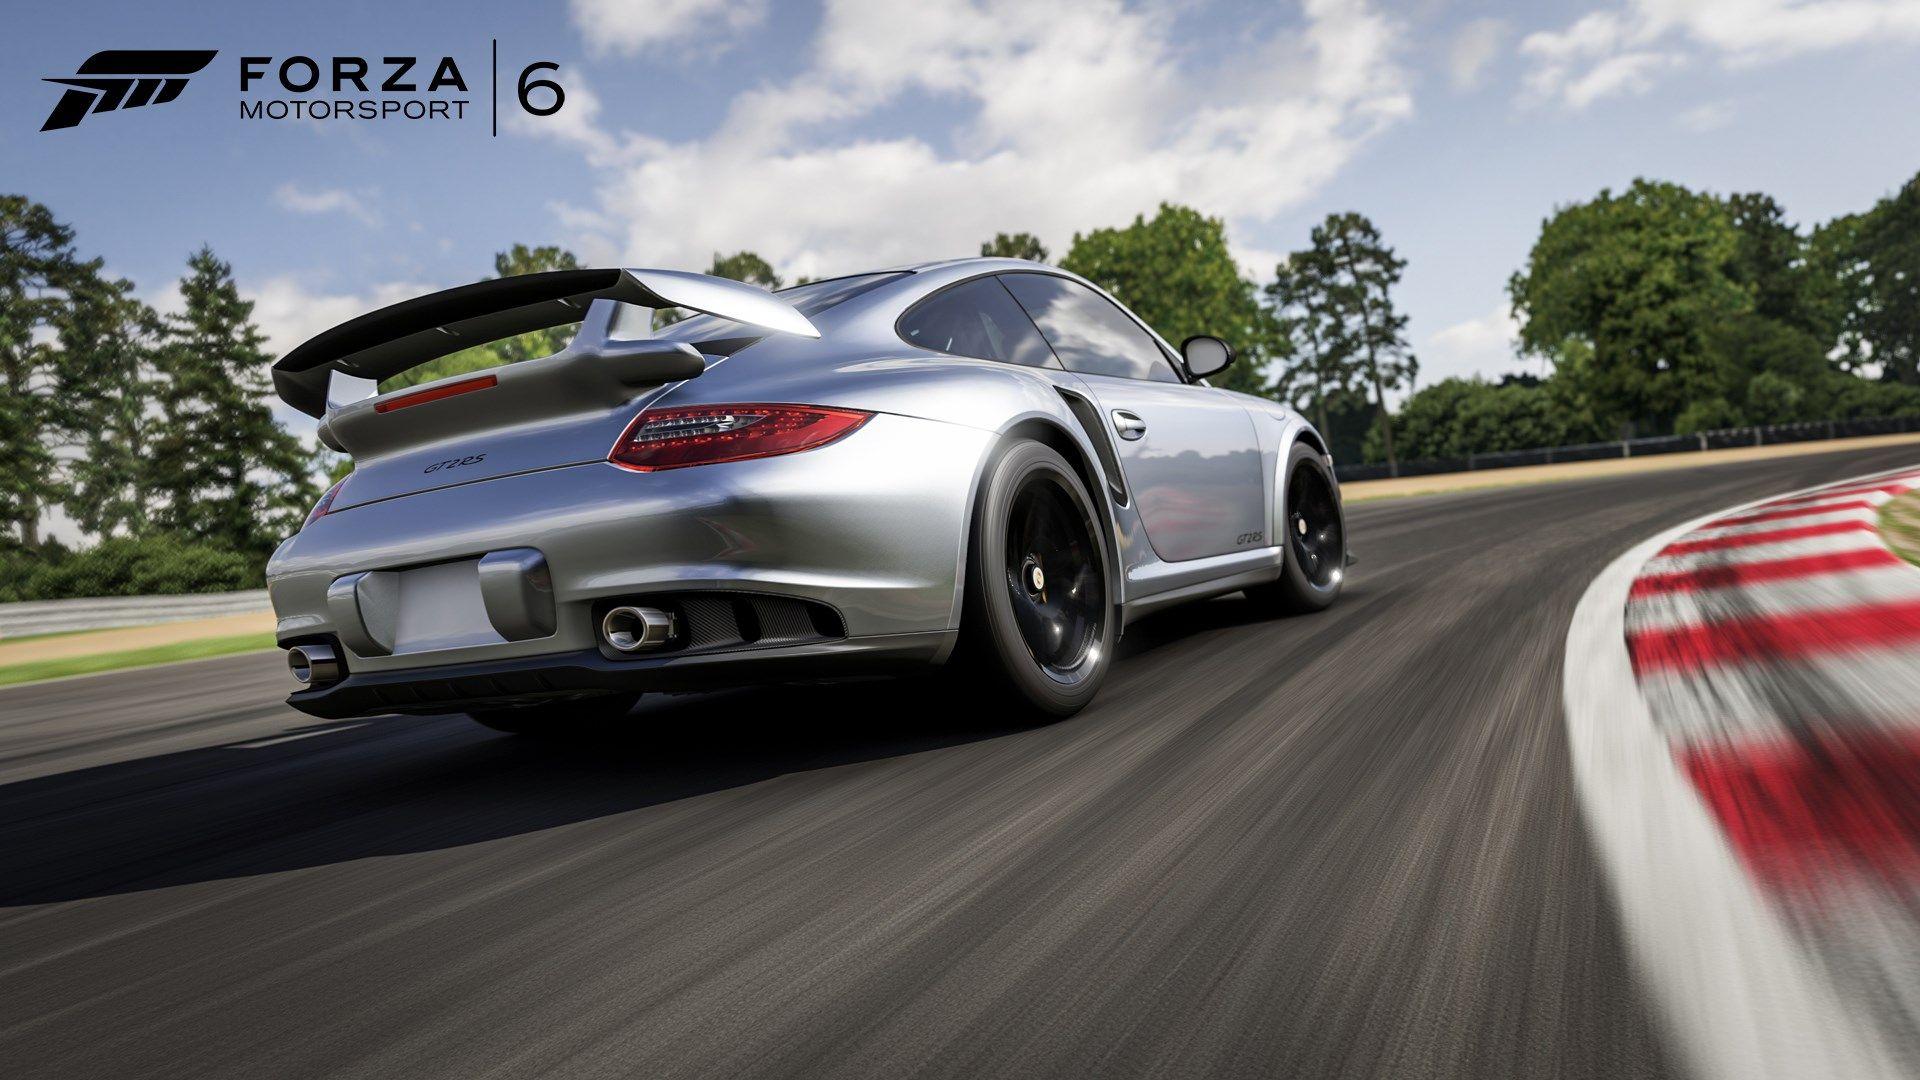 1695848 Forza Motorsport 6 Category